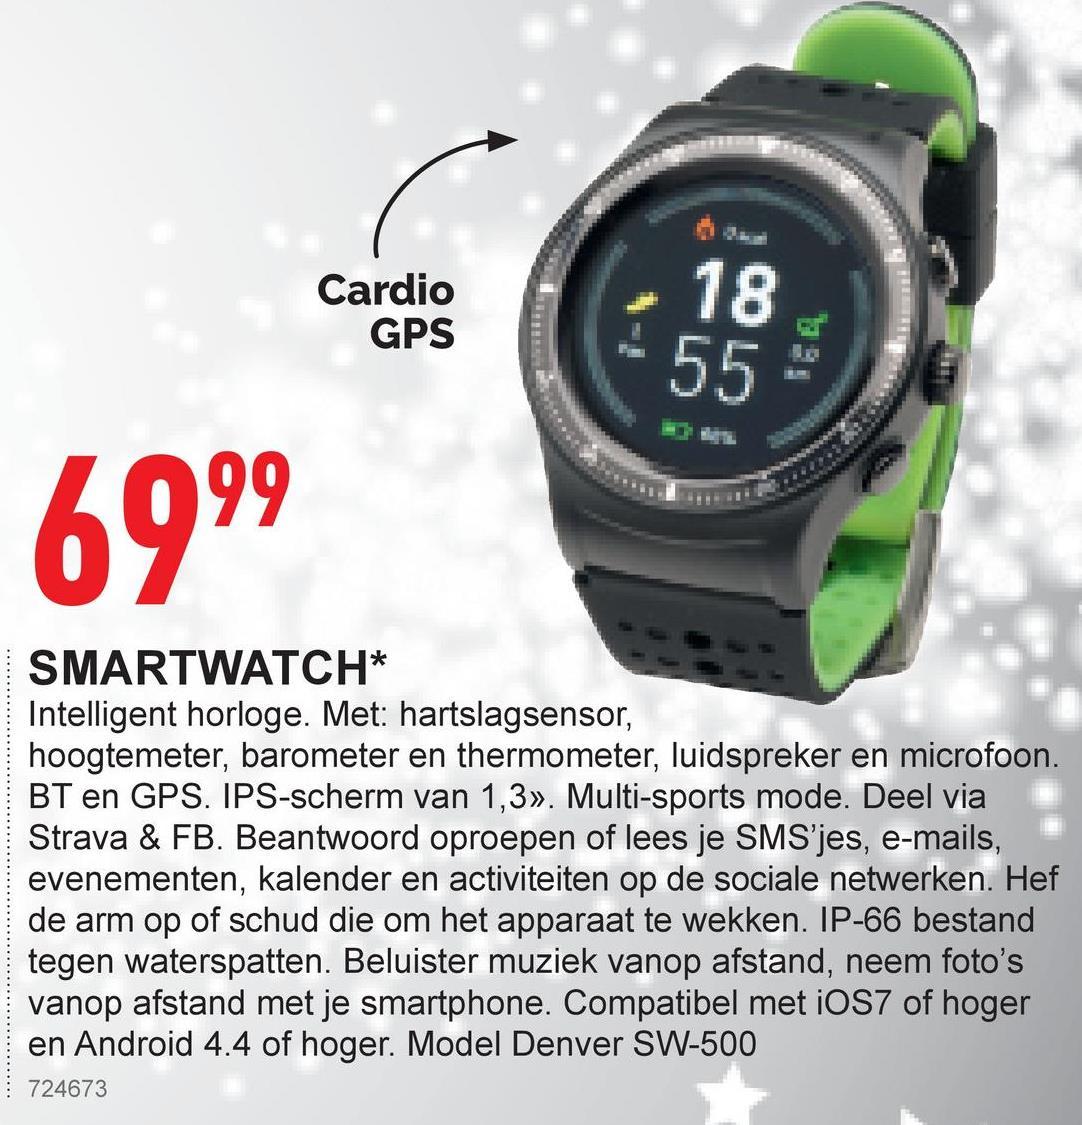 Cardio GPS 6999 SMARTWATCH* Intelligent horloge. Met: hartslagsensor, hoogtemeter, barometer en thermometer, luidspreker en microfoon. BT en GPS. IPS-scherm van 1,3». Multi-sports mode. Deel via Strava & FB. Beantwoord oproepen of lees je SMS'jes, e-mails, evenementen, kalender en activiteiten op de sociale netwerken. Hef de arm op of schud die om het apparaat te wekken. IP-66 bestand tegen waterspatten. Beluister muziek vanop afstand, neem foto's vanop afstand met je smartphone. Compatibel met iOS7 of hoger en Android 4.4 of hoger. Model Denver SW-500 724673